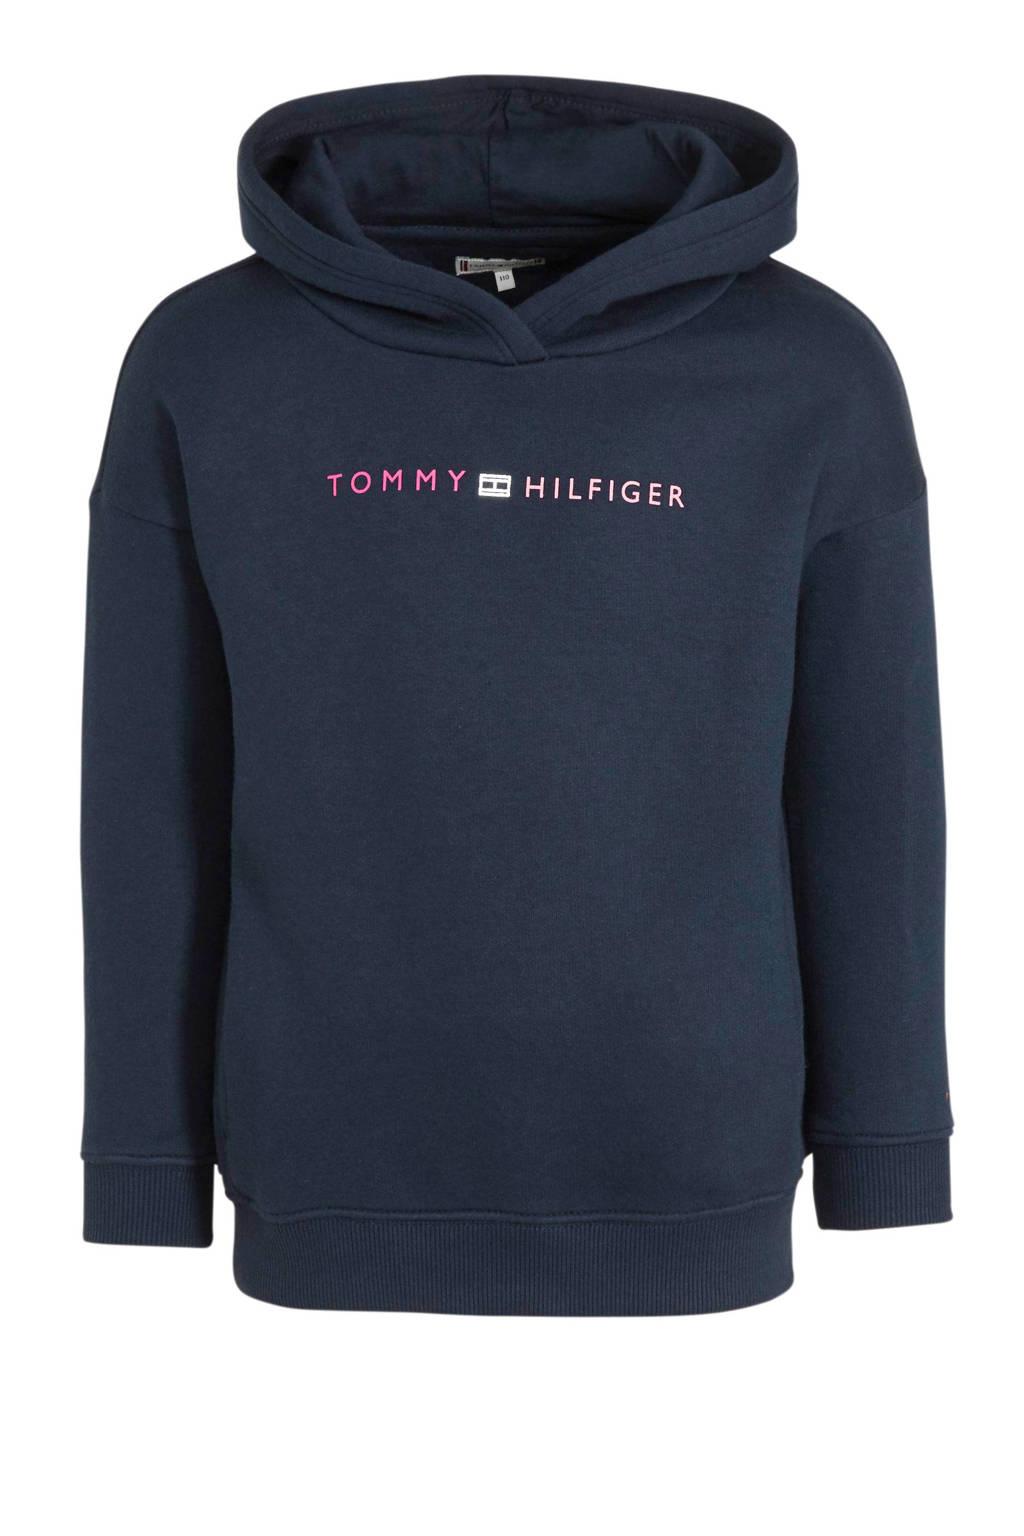 Tommy Hilfiger hoodie met tekst donkerblauw/roze/zilver, Donkerblauw/roze/zilver